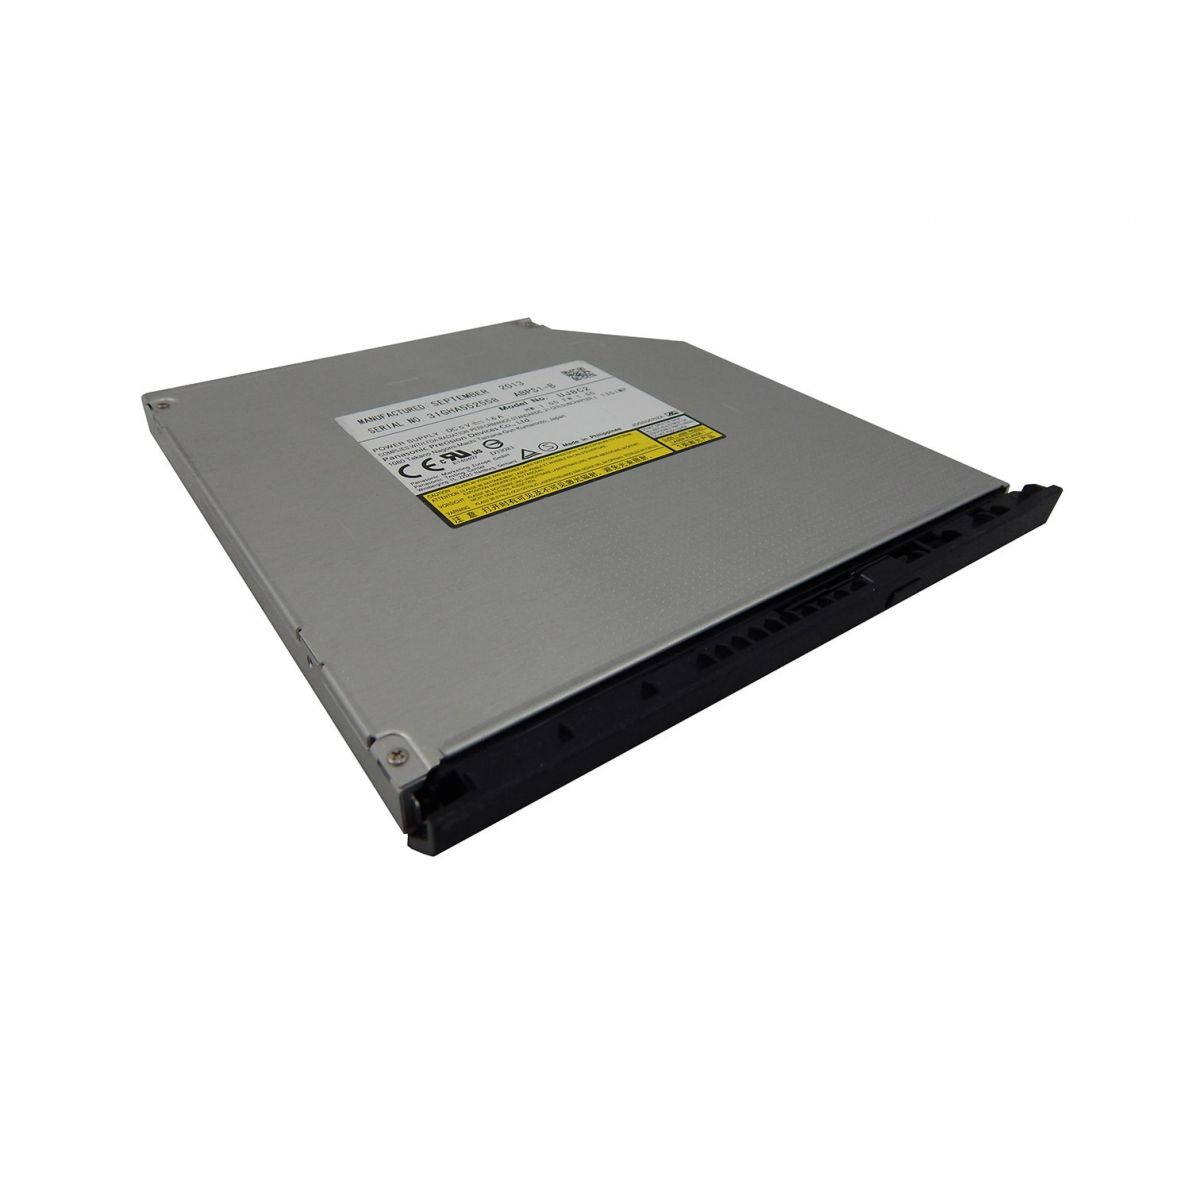 Gravador DVD Super Slim P/ Notebook Acer e outros